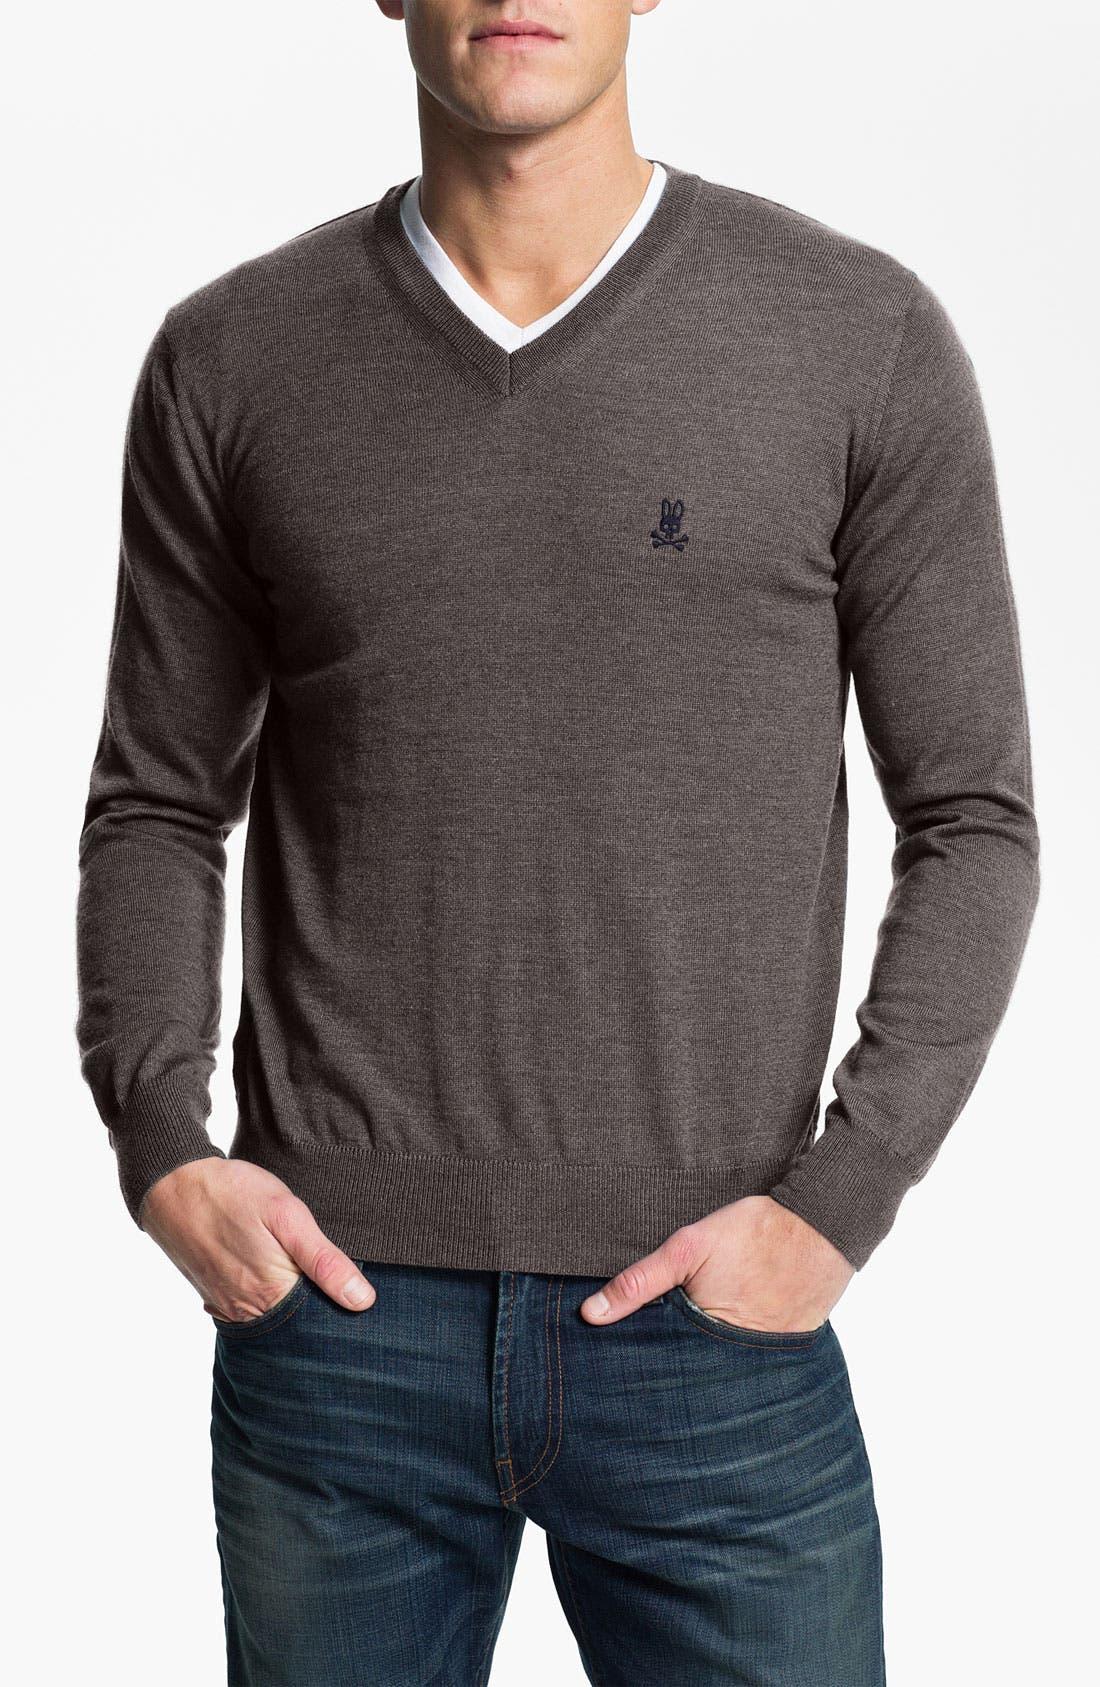 Main Image - Psycho Bunny Merino Wool V-Neck Sweater